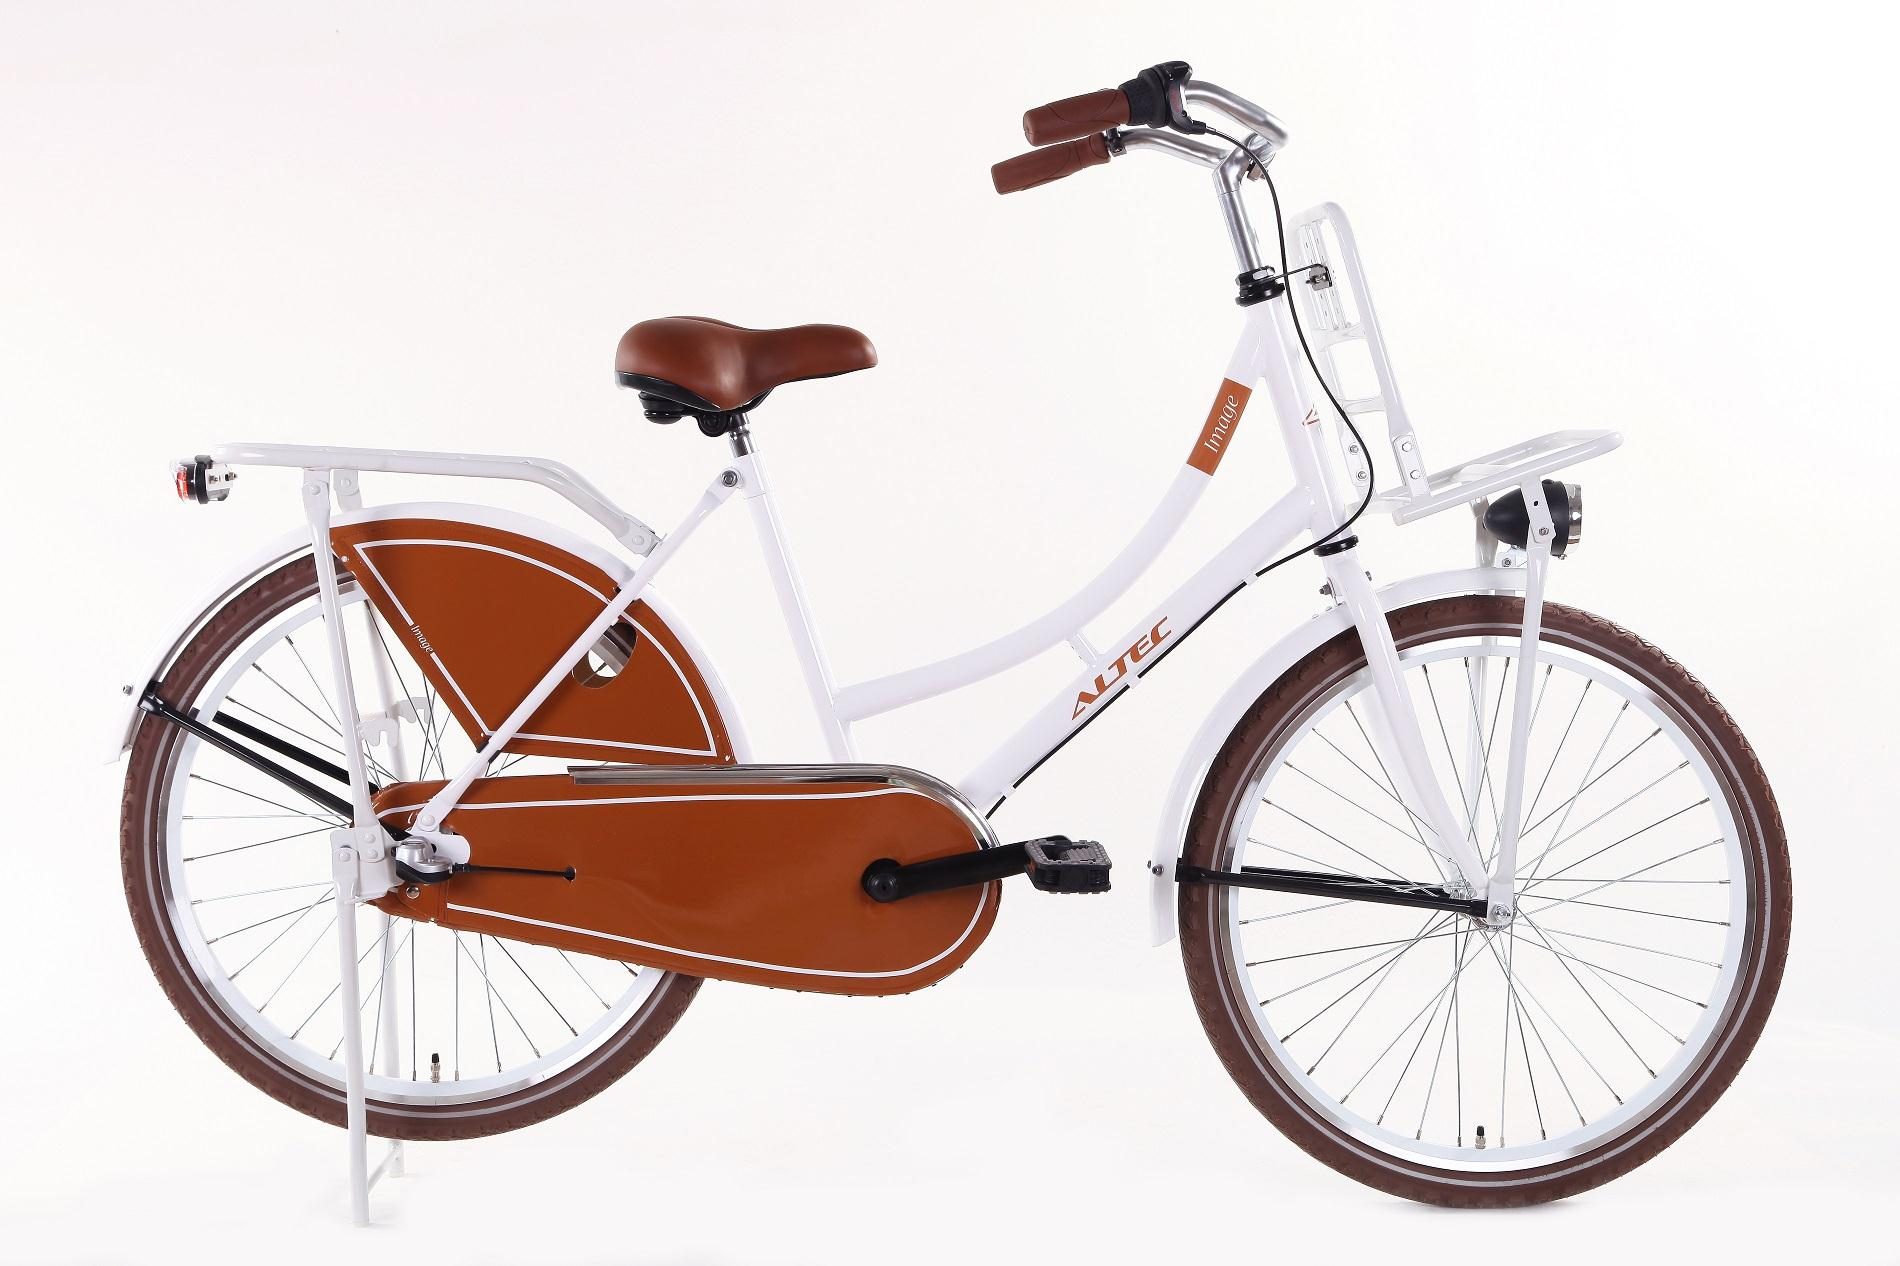 hannover das hollandrad kultiges fahrrad f r stadt und land. Black Bedroom Furniture Sets. Home Design Ideas